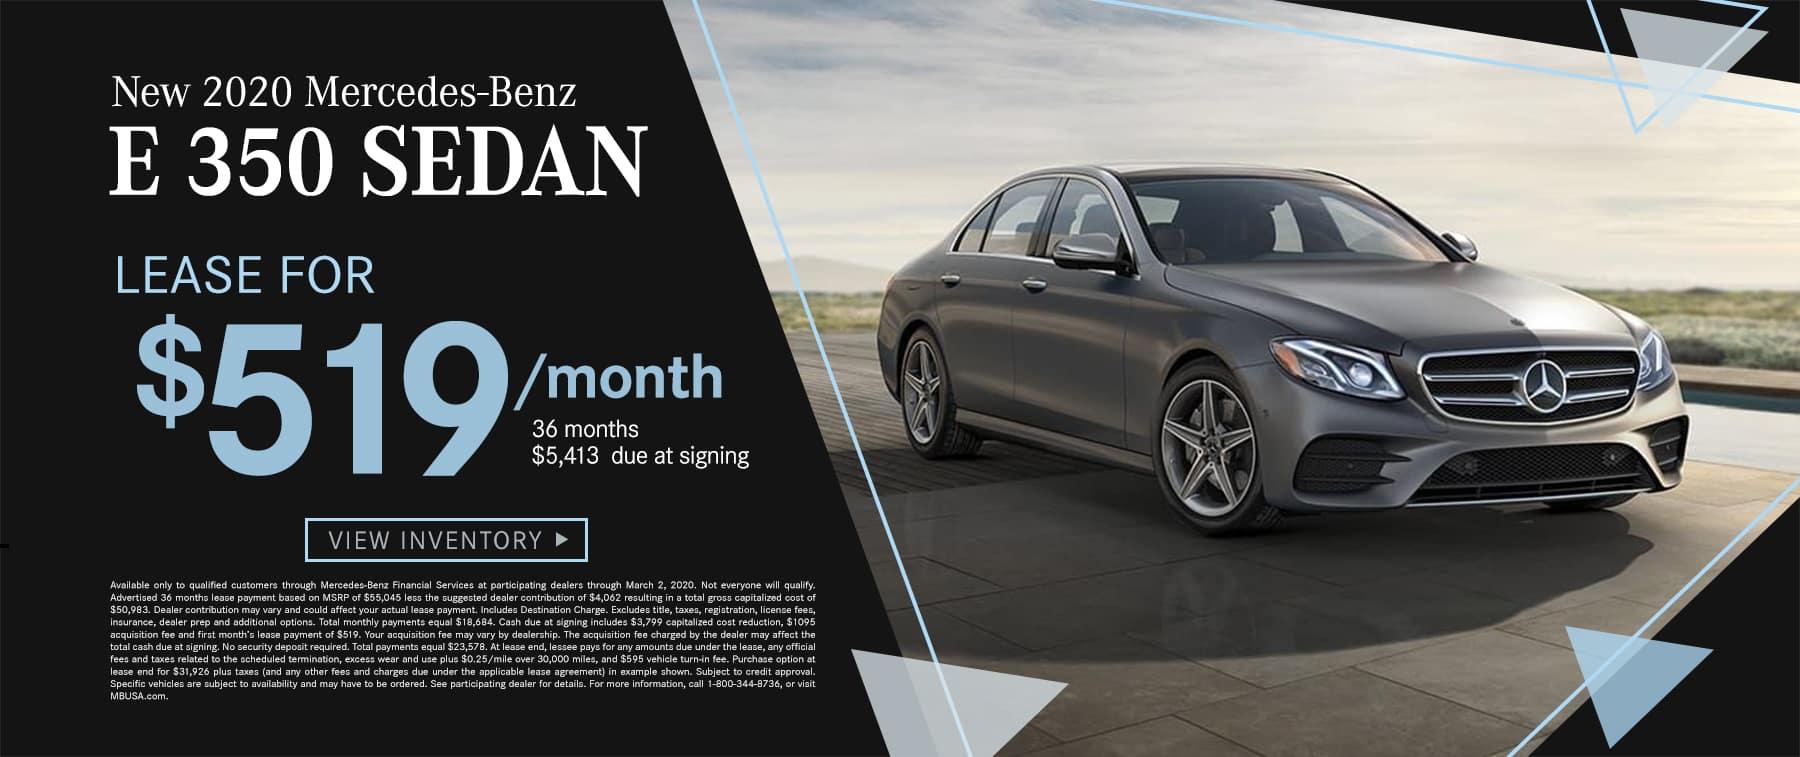 2020 E 350 Sedan $519 Per Month